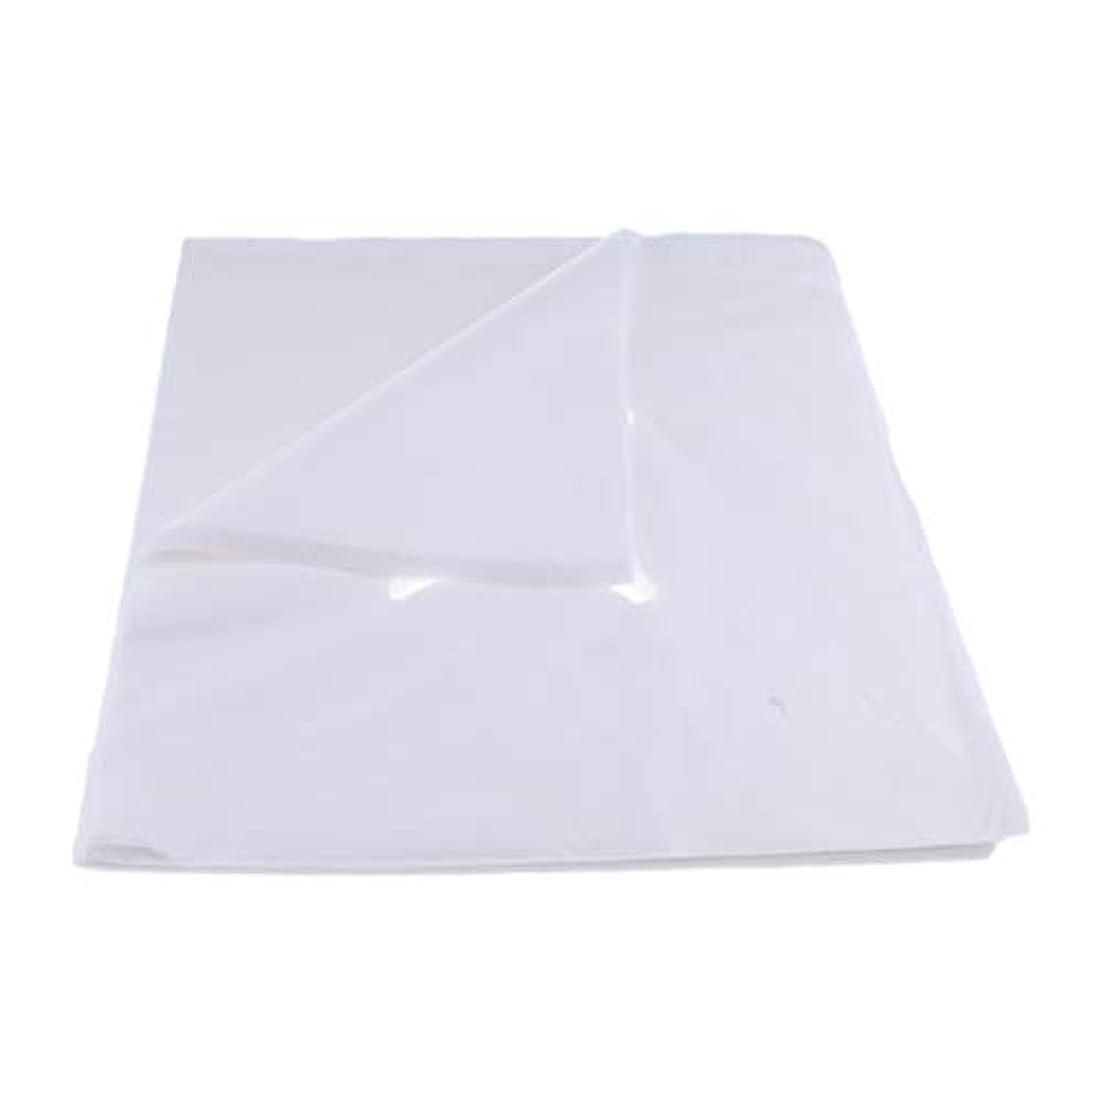 サスティーン太陽潜む200ピース不織布使い捨てマッサージベッドフェイスクレードルクッションシートカバー - L